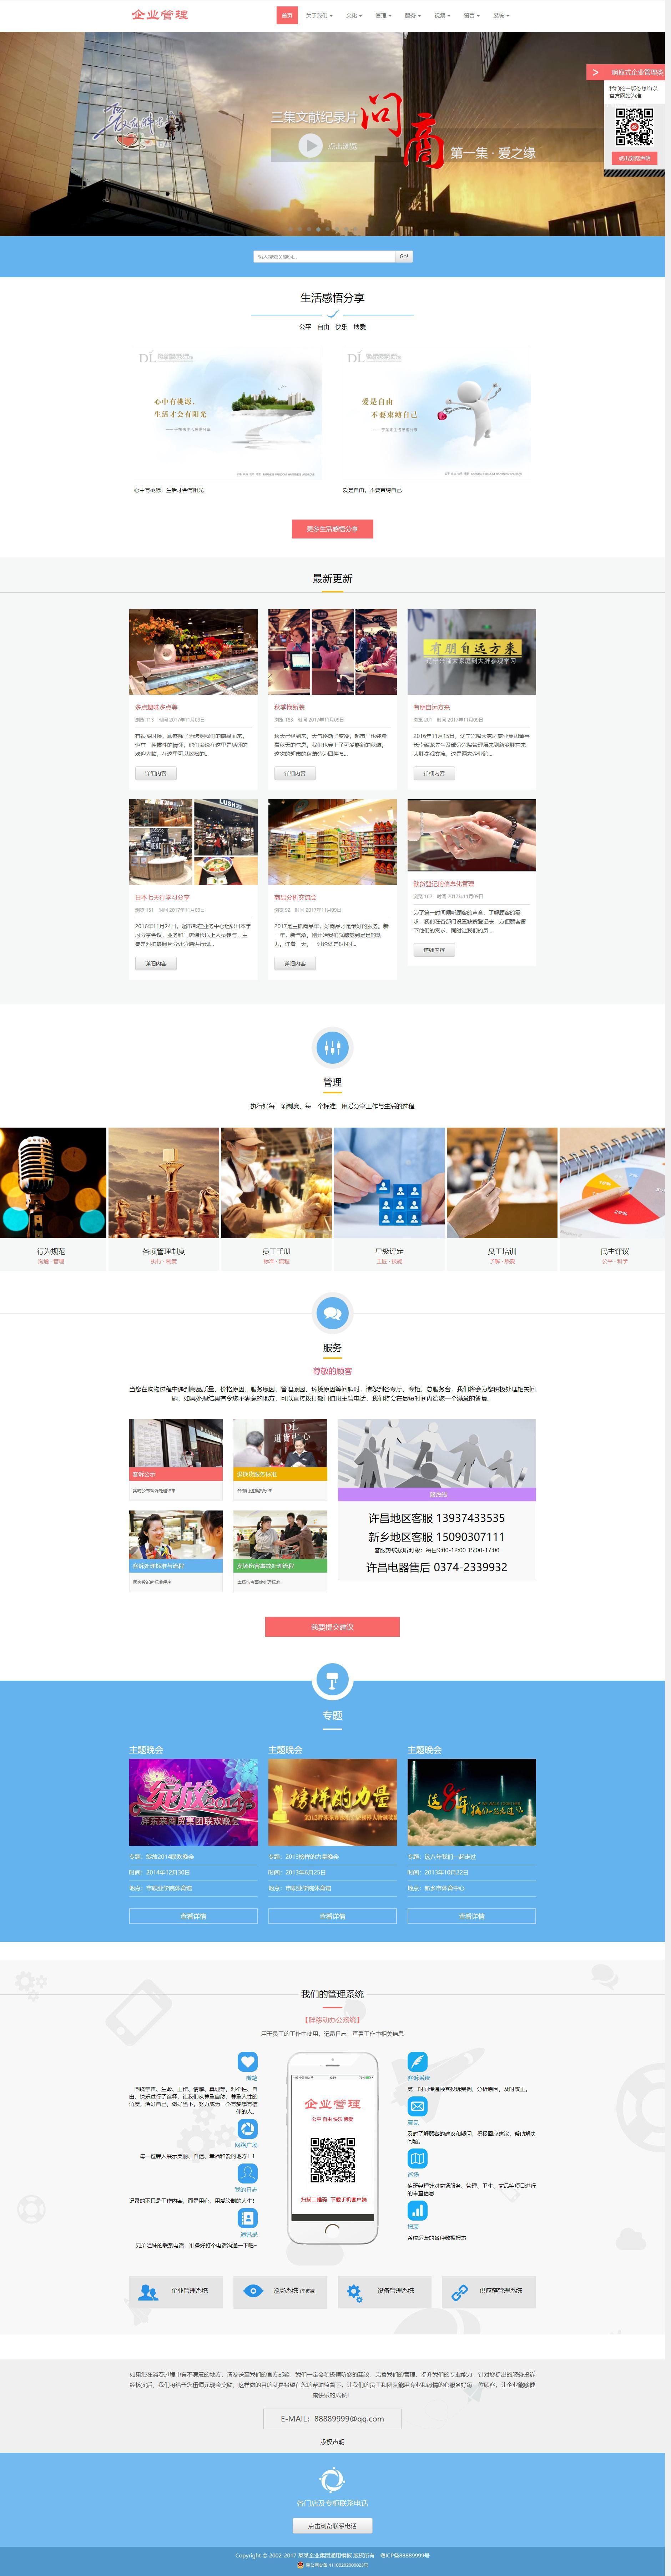 响应式企业管理类网站织梦dedecms模板(自适应手机端)